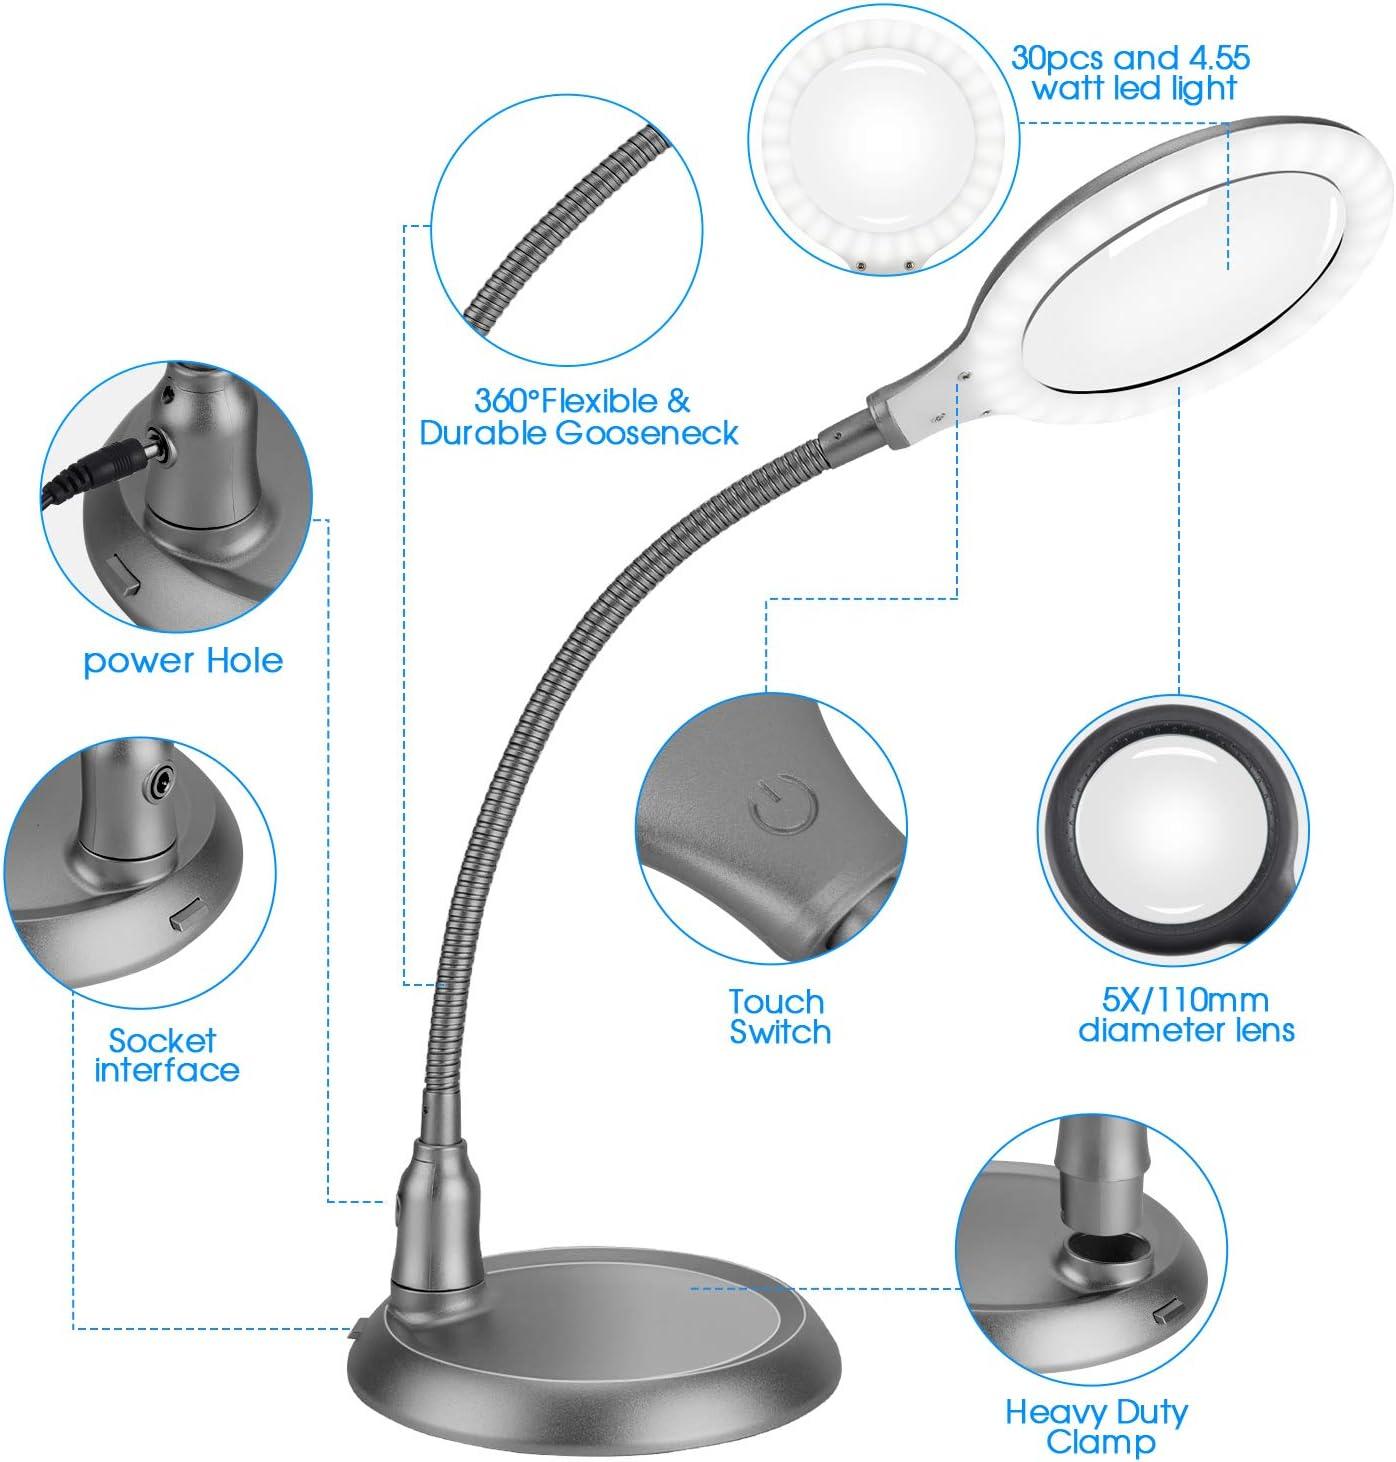 avec lumi/ère et support pour loisirs cr/éatifs mains libres intensit/é variable ZHSX Grande lampe loupe 5x